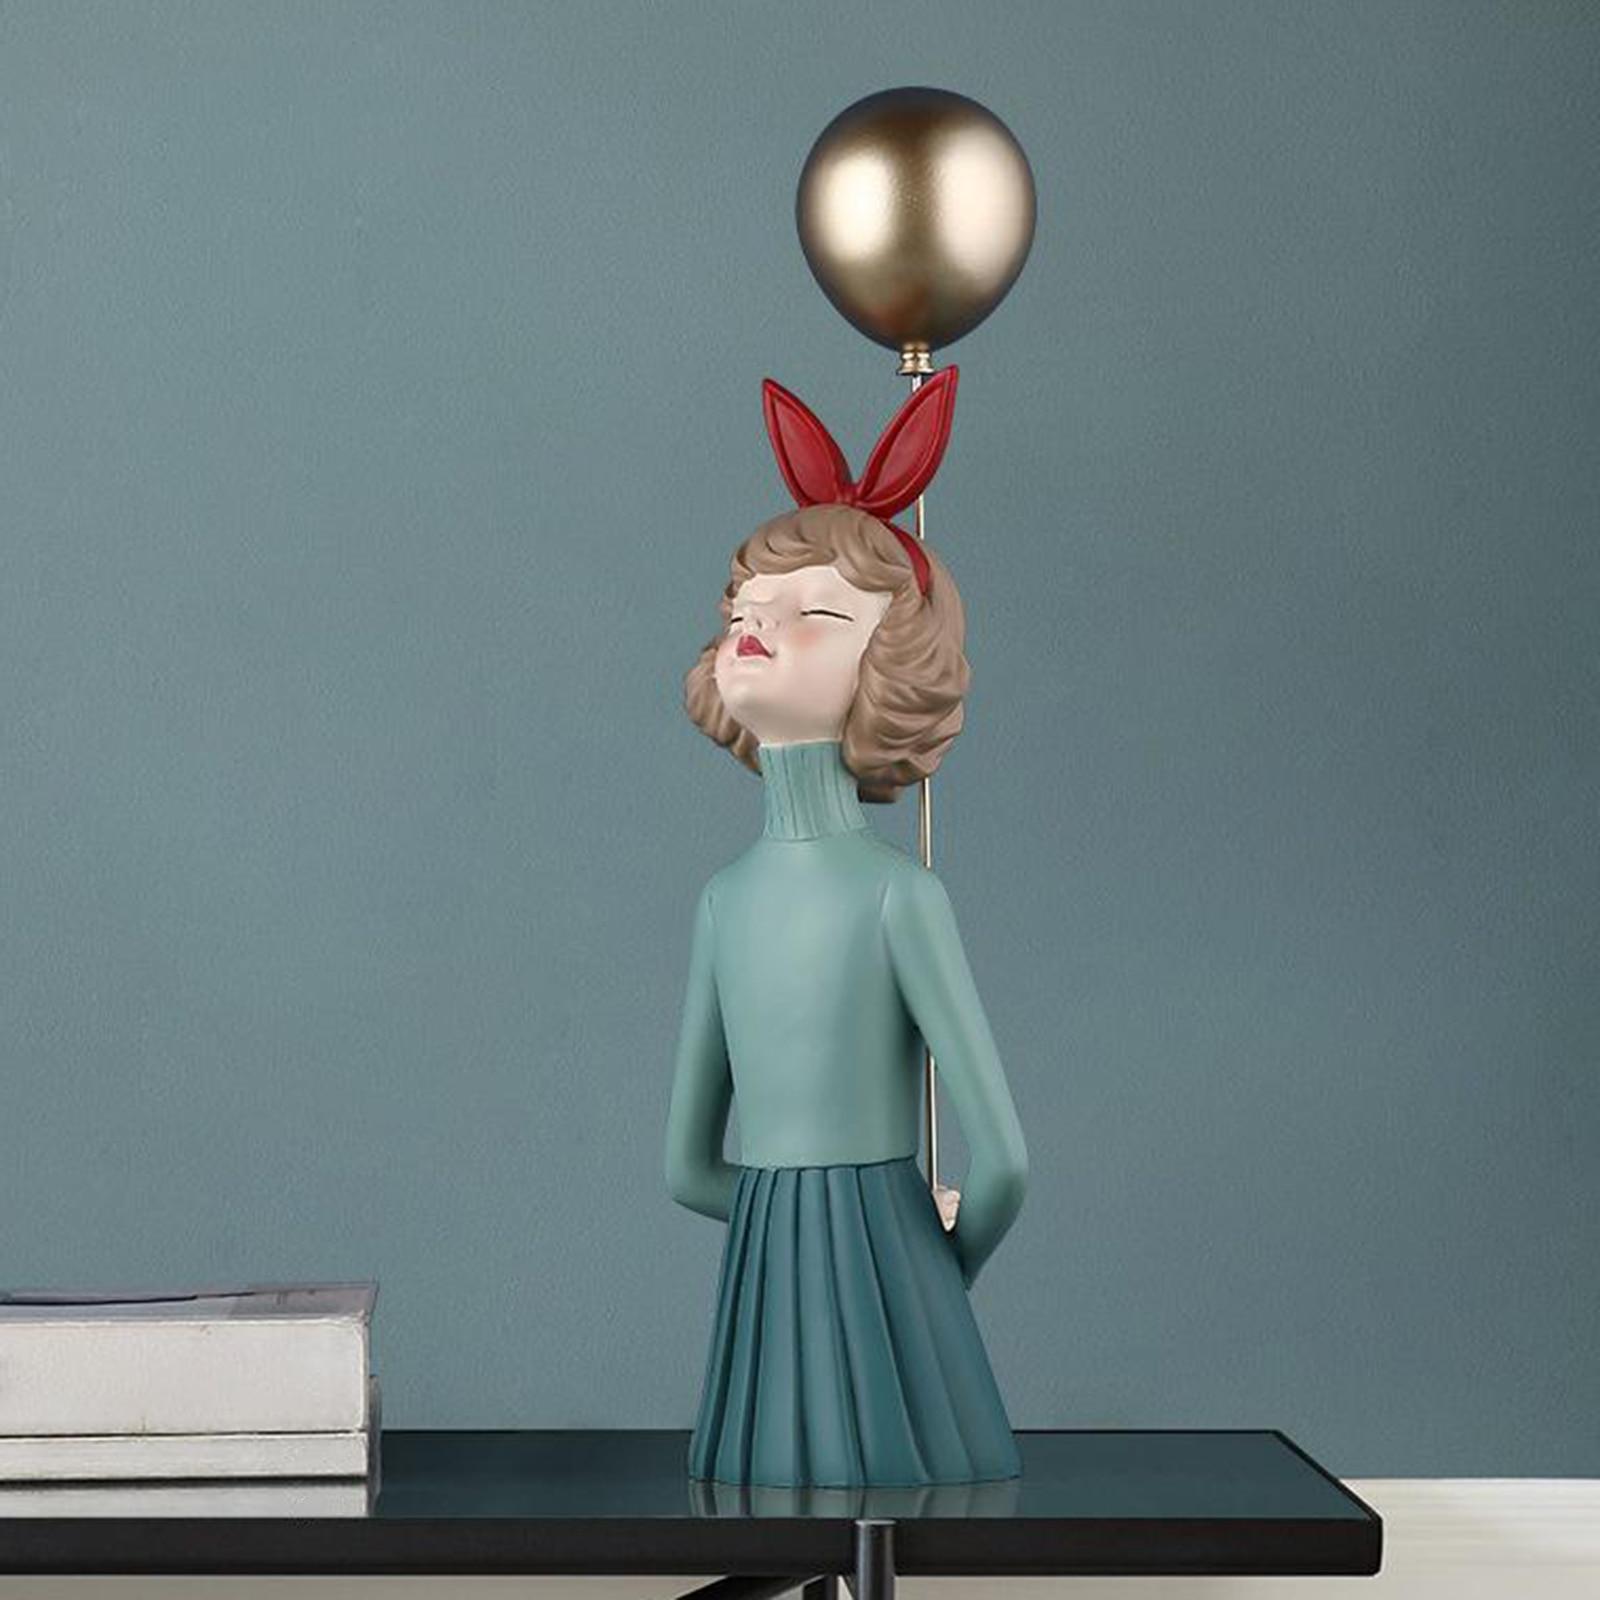 Decoração para Casa Resina Menina Moderna Estatueta Desktop Ornamento Prateleira Personagens Presente